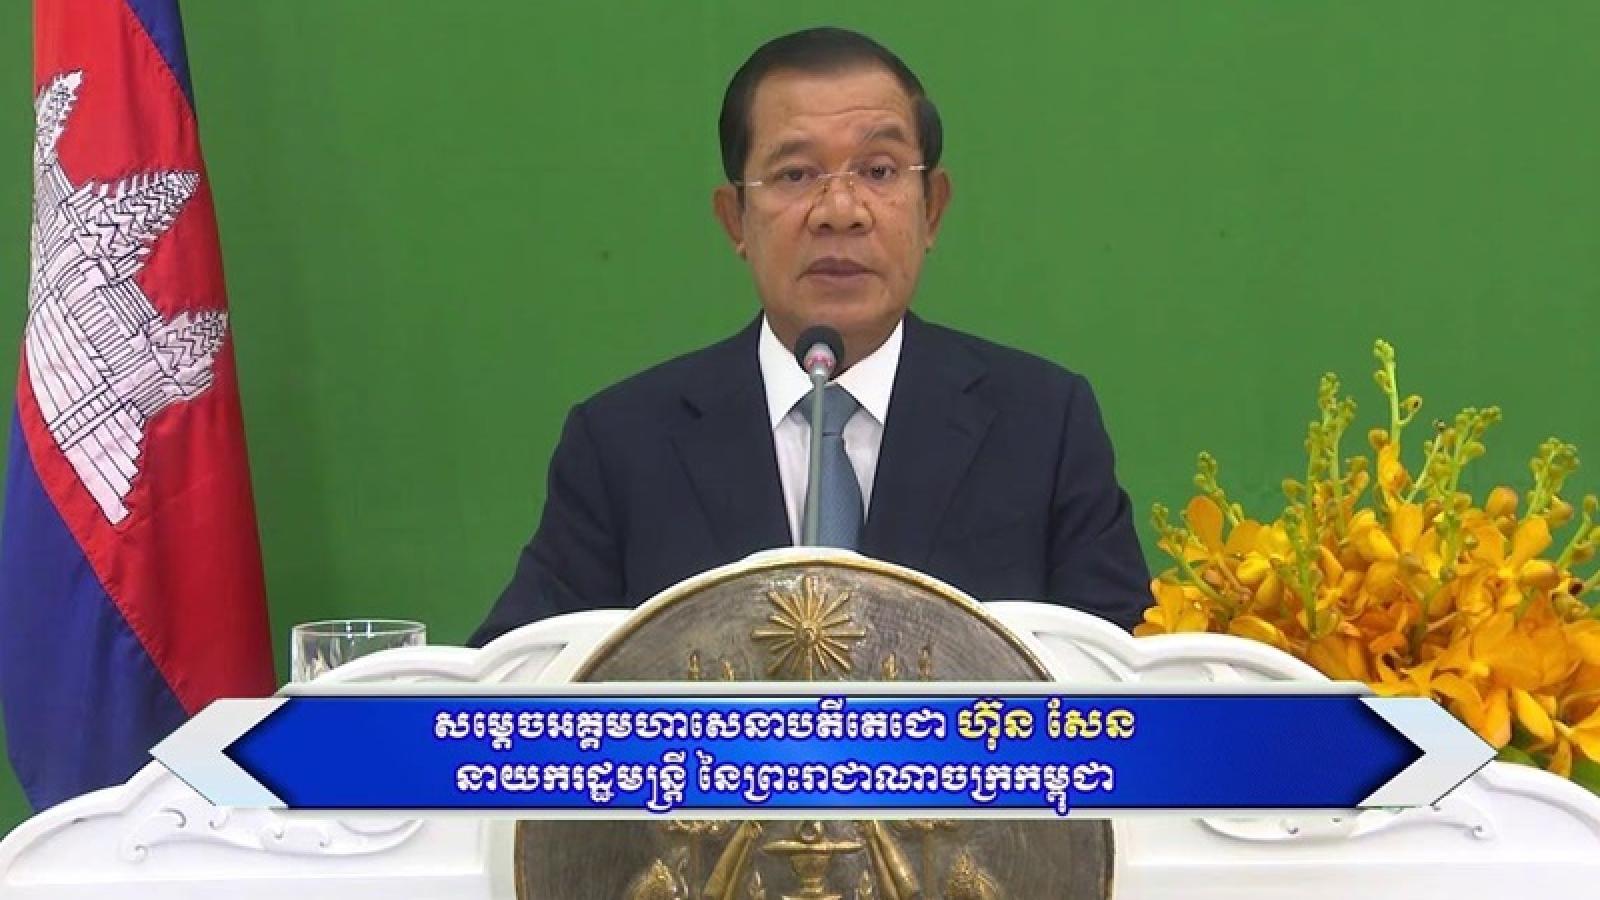 Campuchia cam kết chống biến đổi khí hậu bằng chiến lược dài hạn